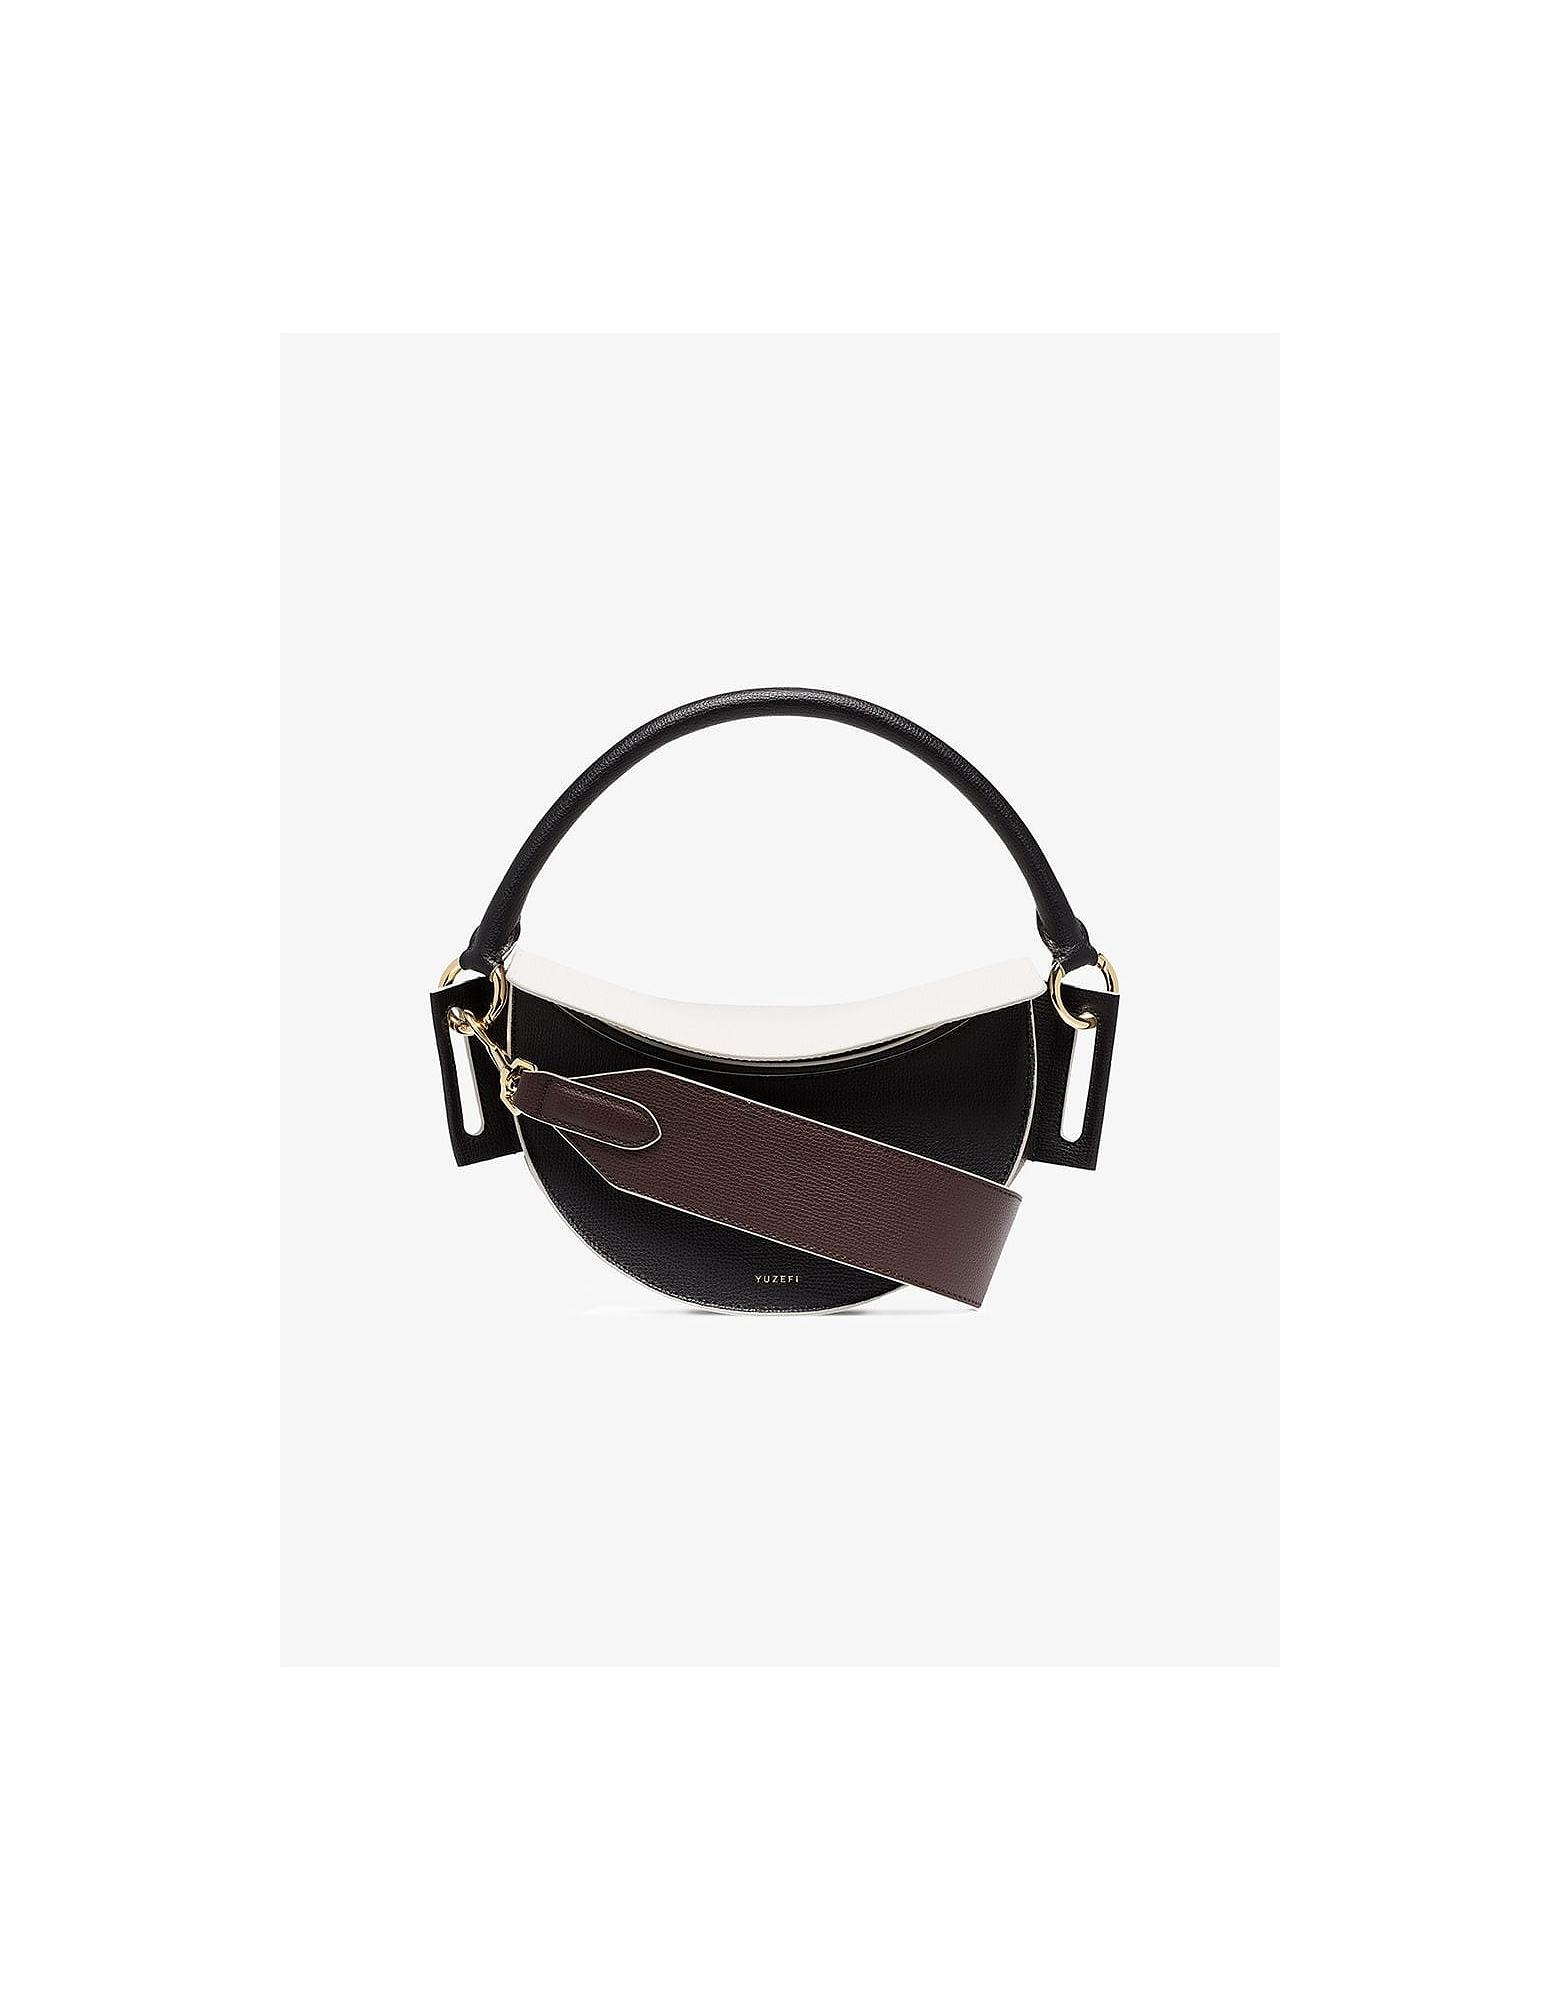 Yuzefi Designer Handbags, Multicoloured Dip Leather Shoulder Bag